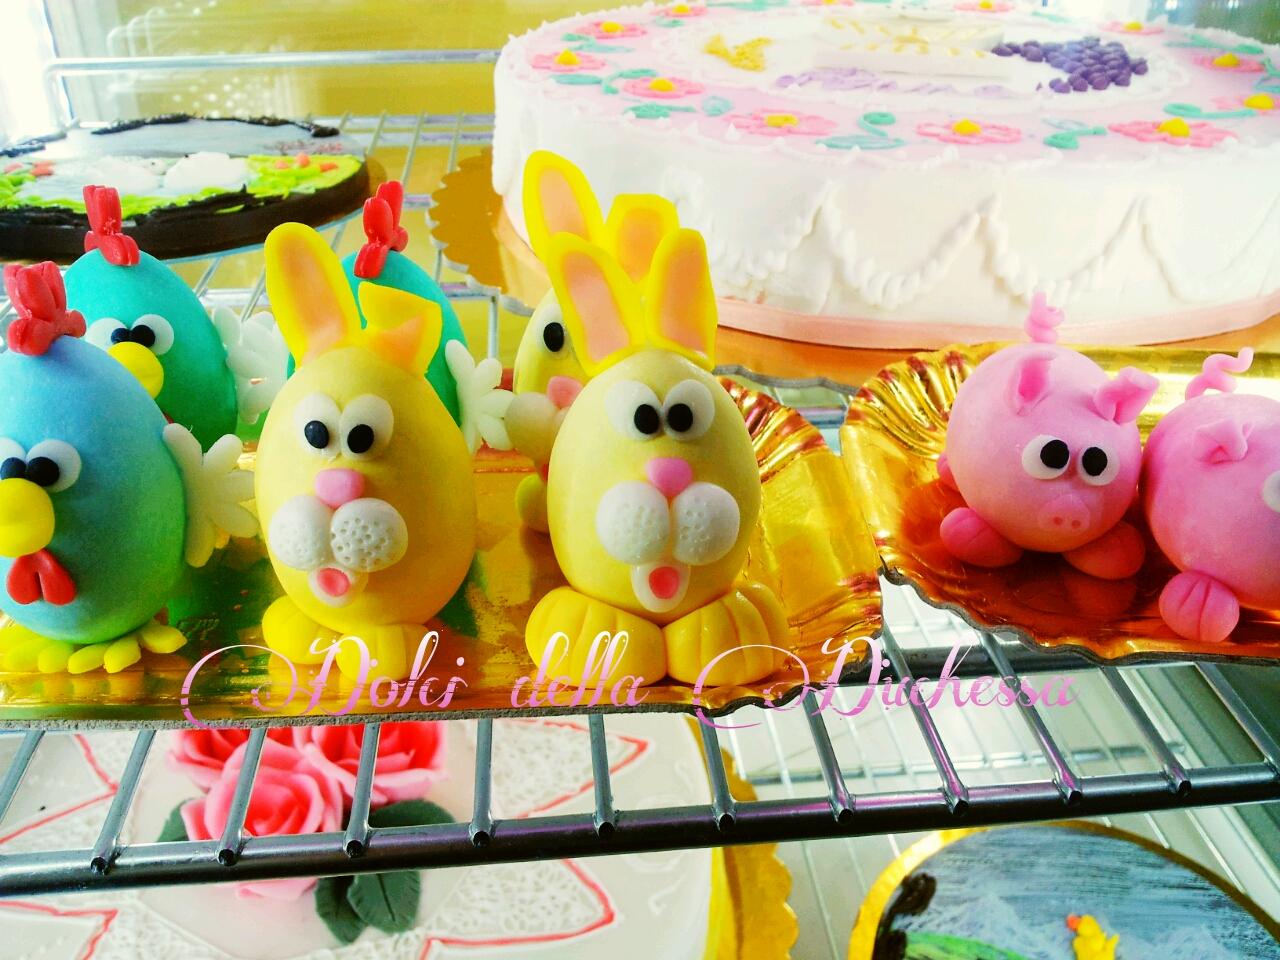 Dolci della duchessa uova di pasqua decorate - Uova di pasqua decorati ...